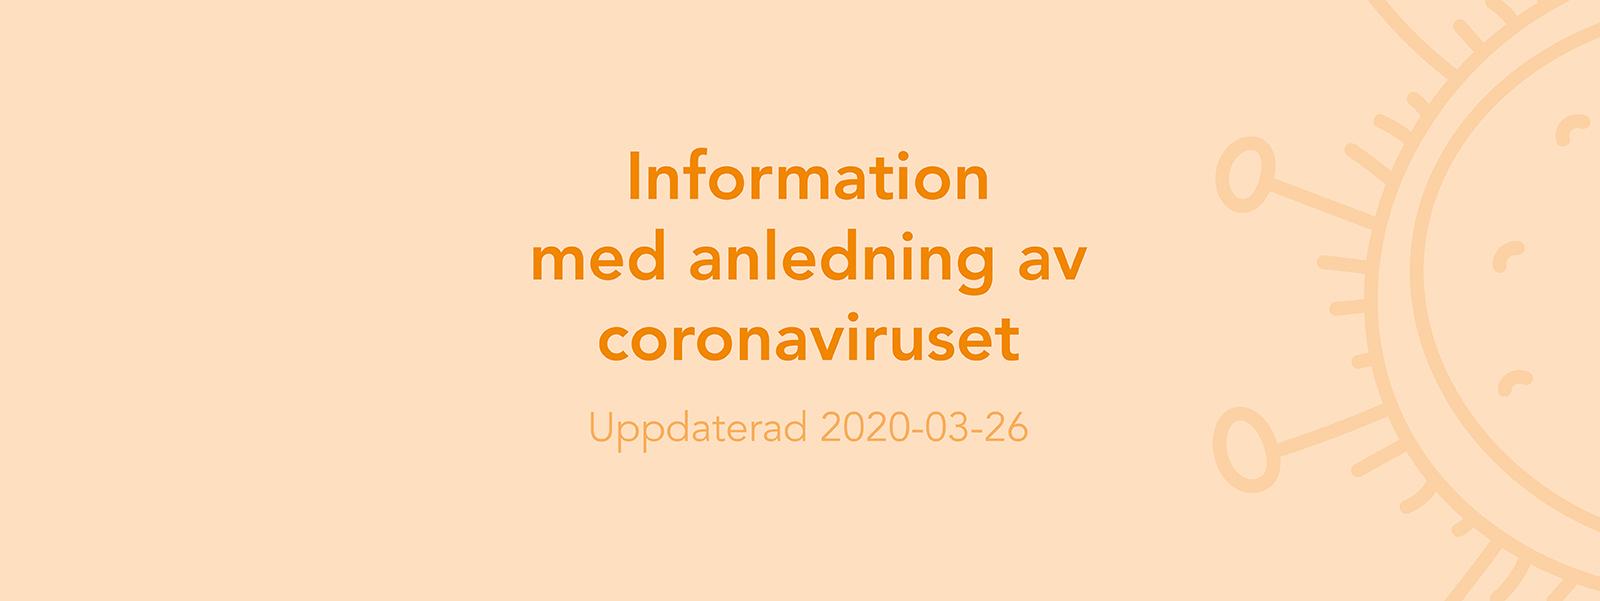 Vi har oförändrad leveransförmåga coronaviruset till trots